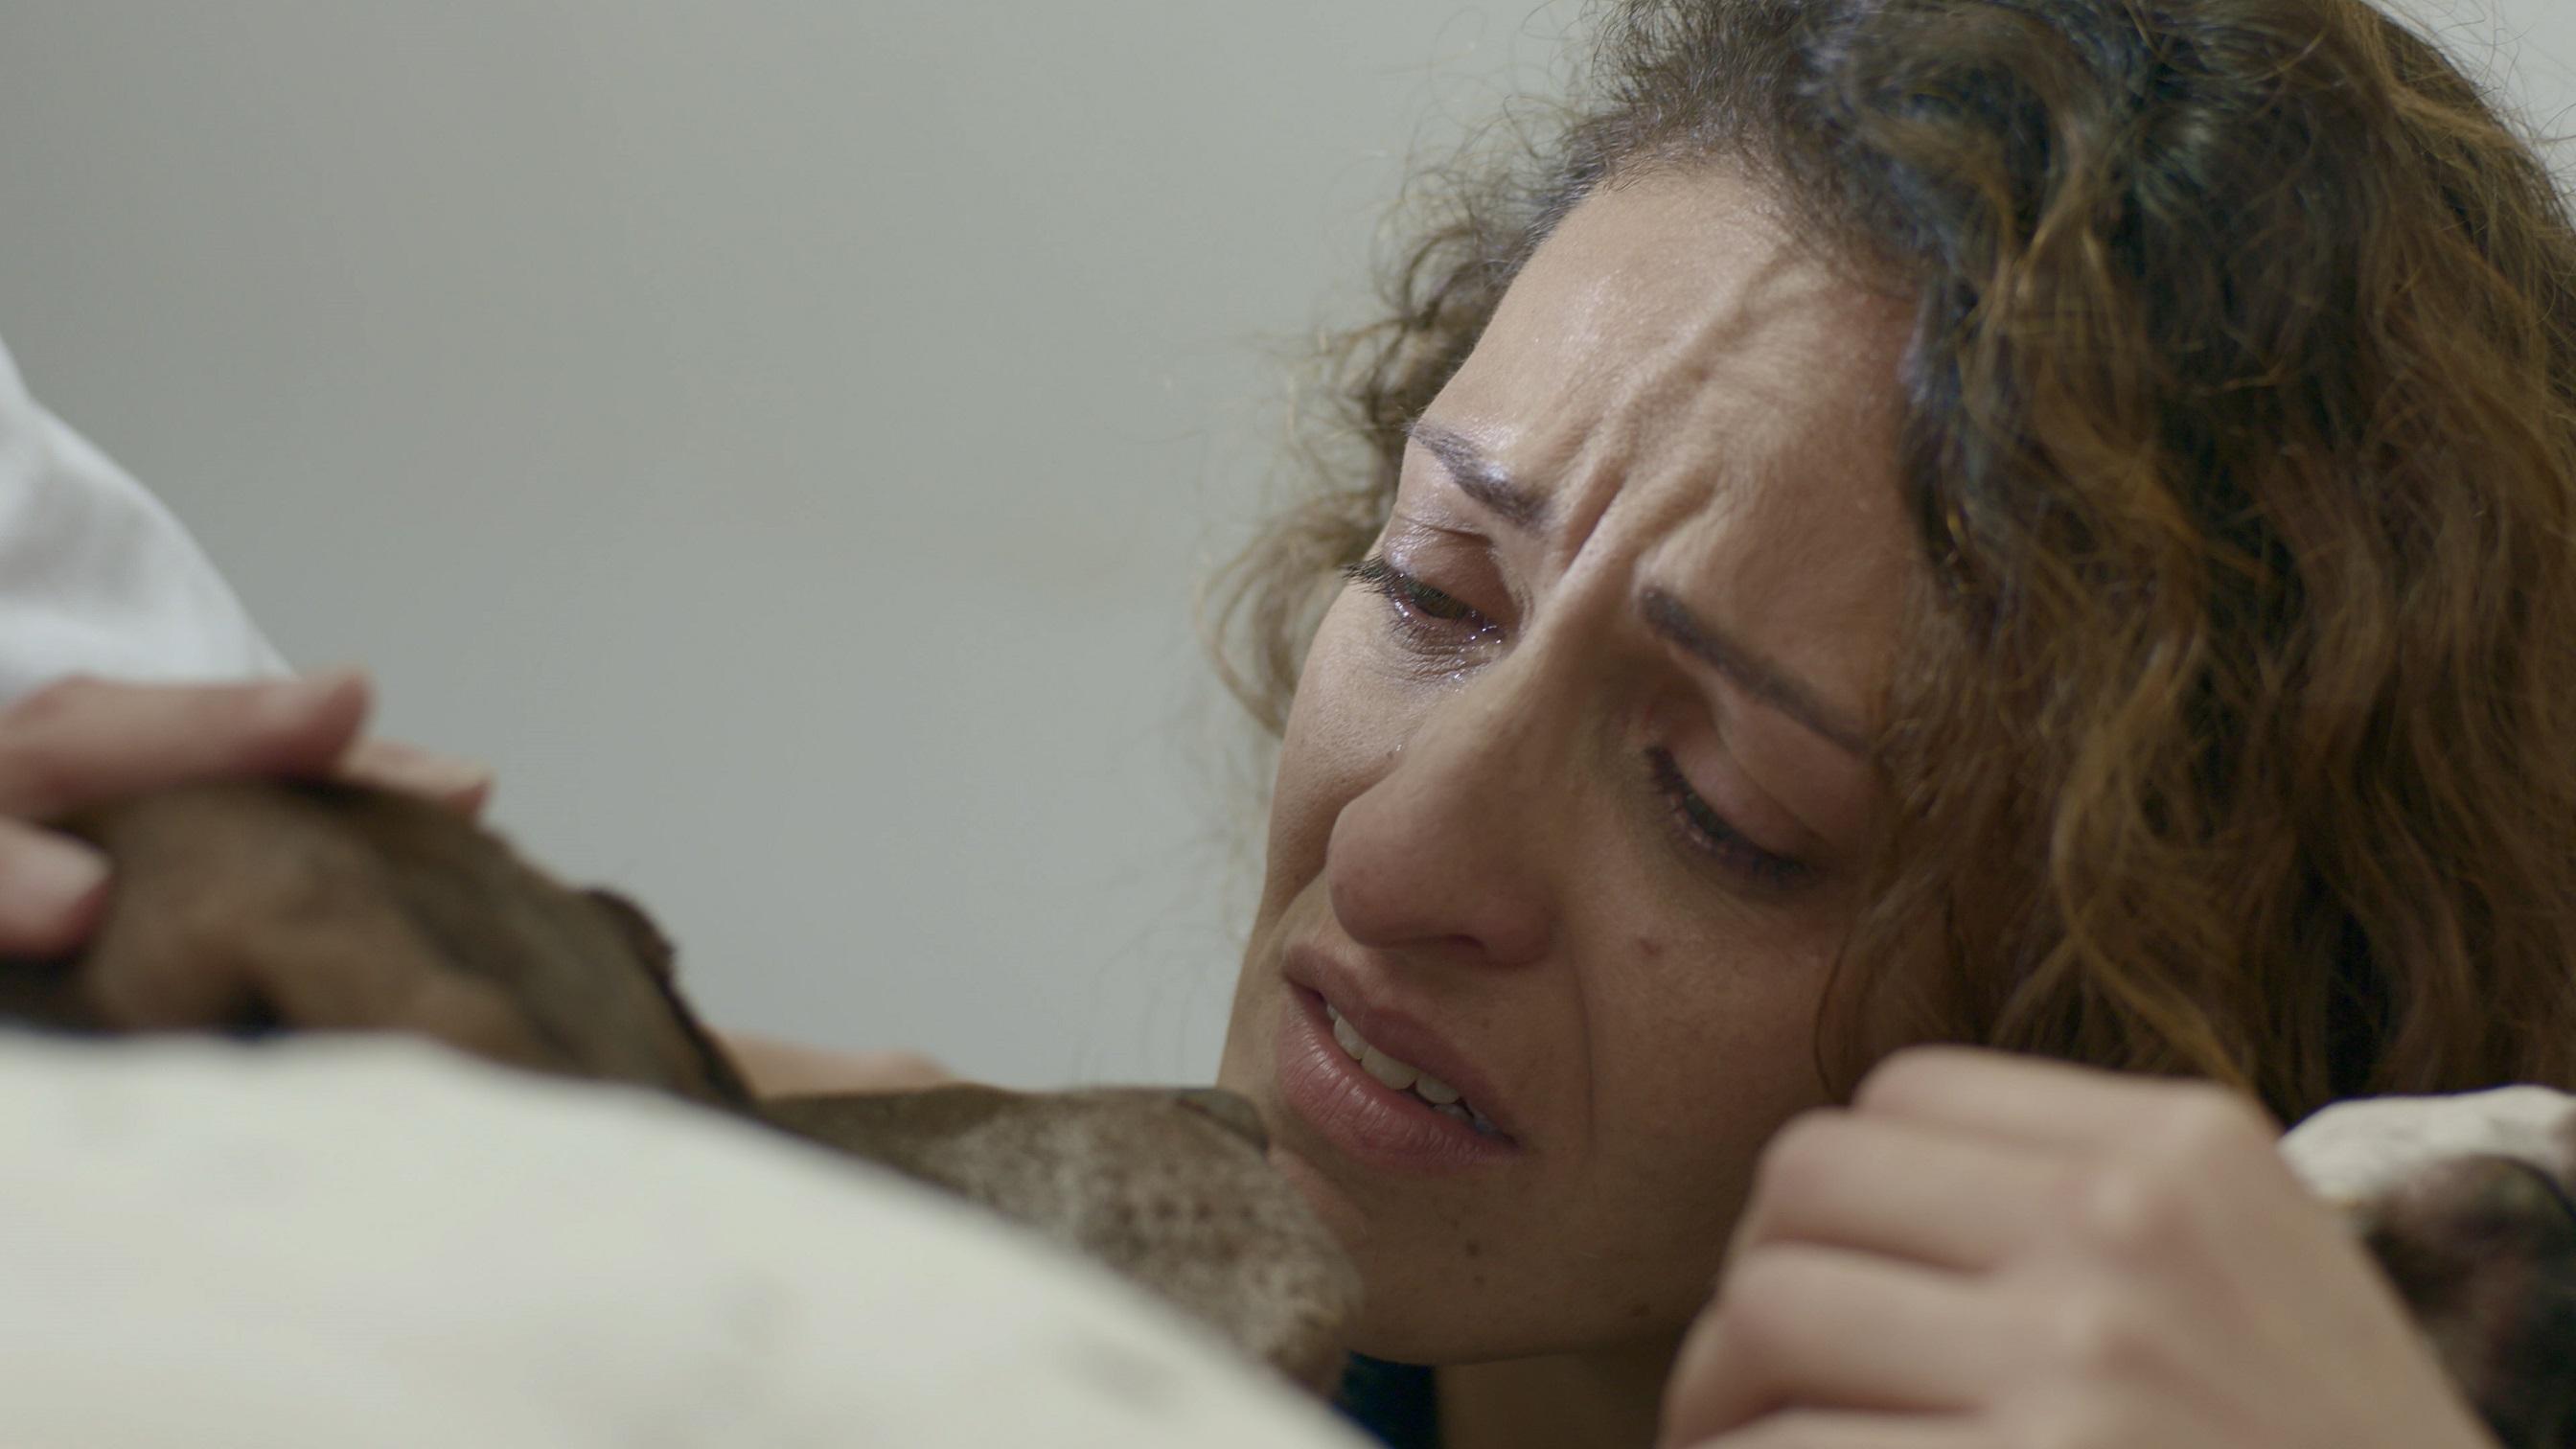 TEA estrena El anillo del Rey, un corto de Jeniffer Castañeda